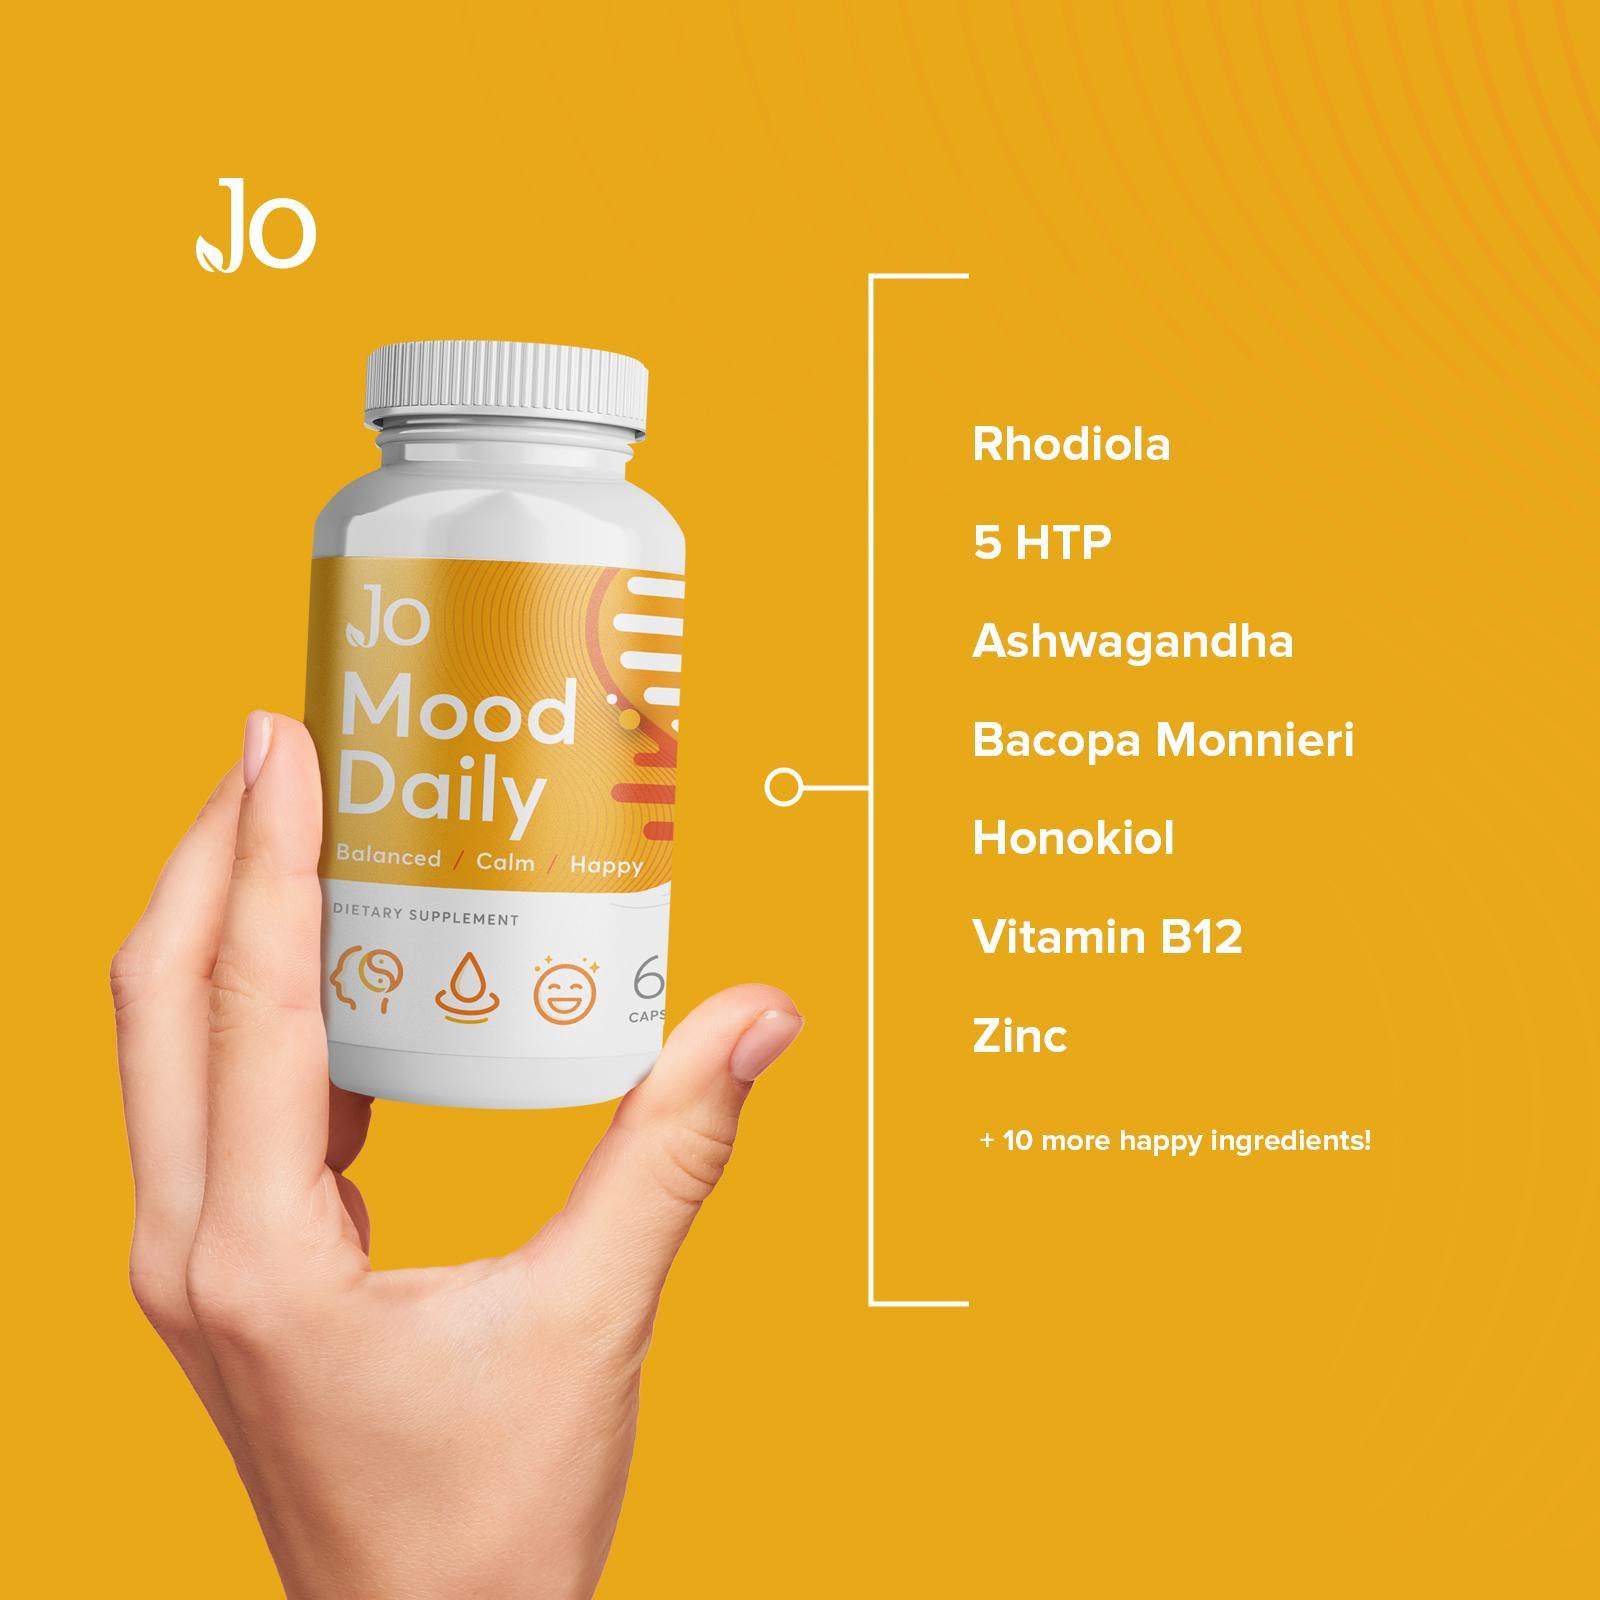 Rhodiola and ashwagandha supplement